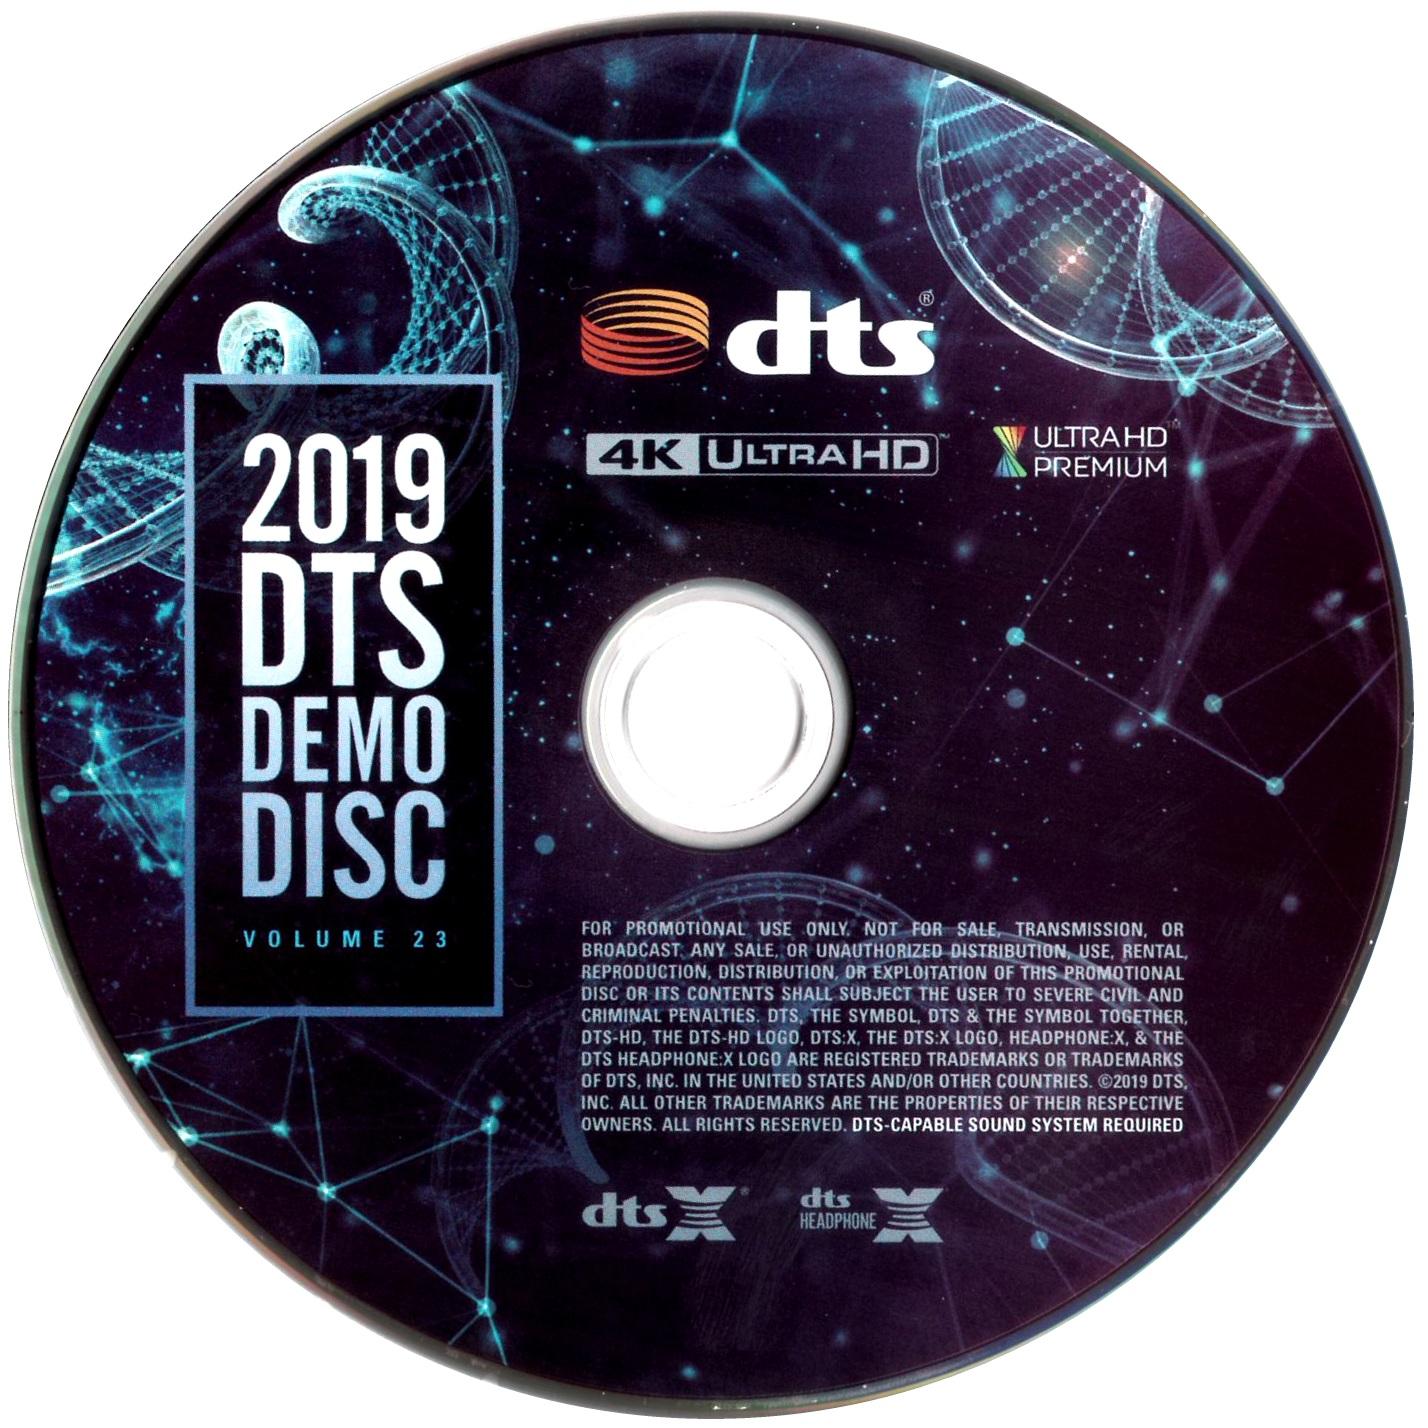 DTS蓝光演示碟 2019 4K UHD DTS Demo Disc Vol.23 H.265 HDR 4KUltraHD DTS-X 7.1-